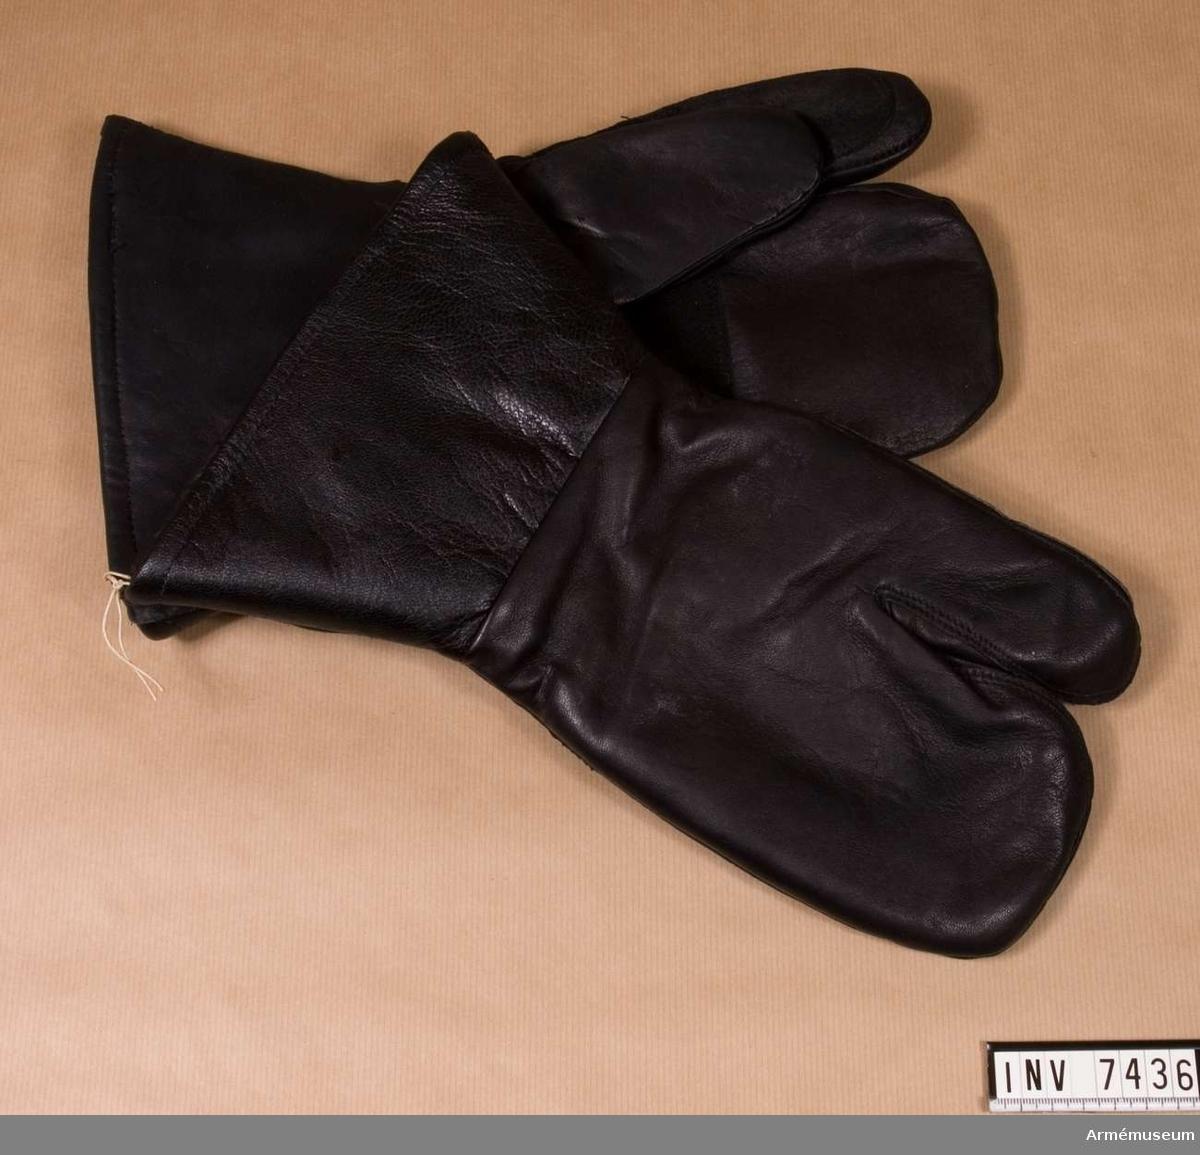 Handskar fm/1947, motor-. 1 par. Svarta skinnhandskar med tumme och pekfinger fria. Handflata, tumme och pekfinger är skinnskodda med den råa sidan ut av det  svarta skinnet. Fodrade med vitt fårskinn. Vänster handske har en etikett med text: ÖSB 2 Industrier. Storlek 2.